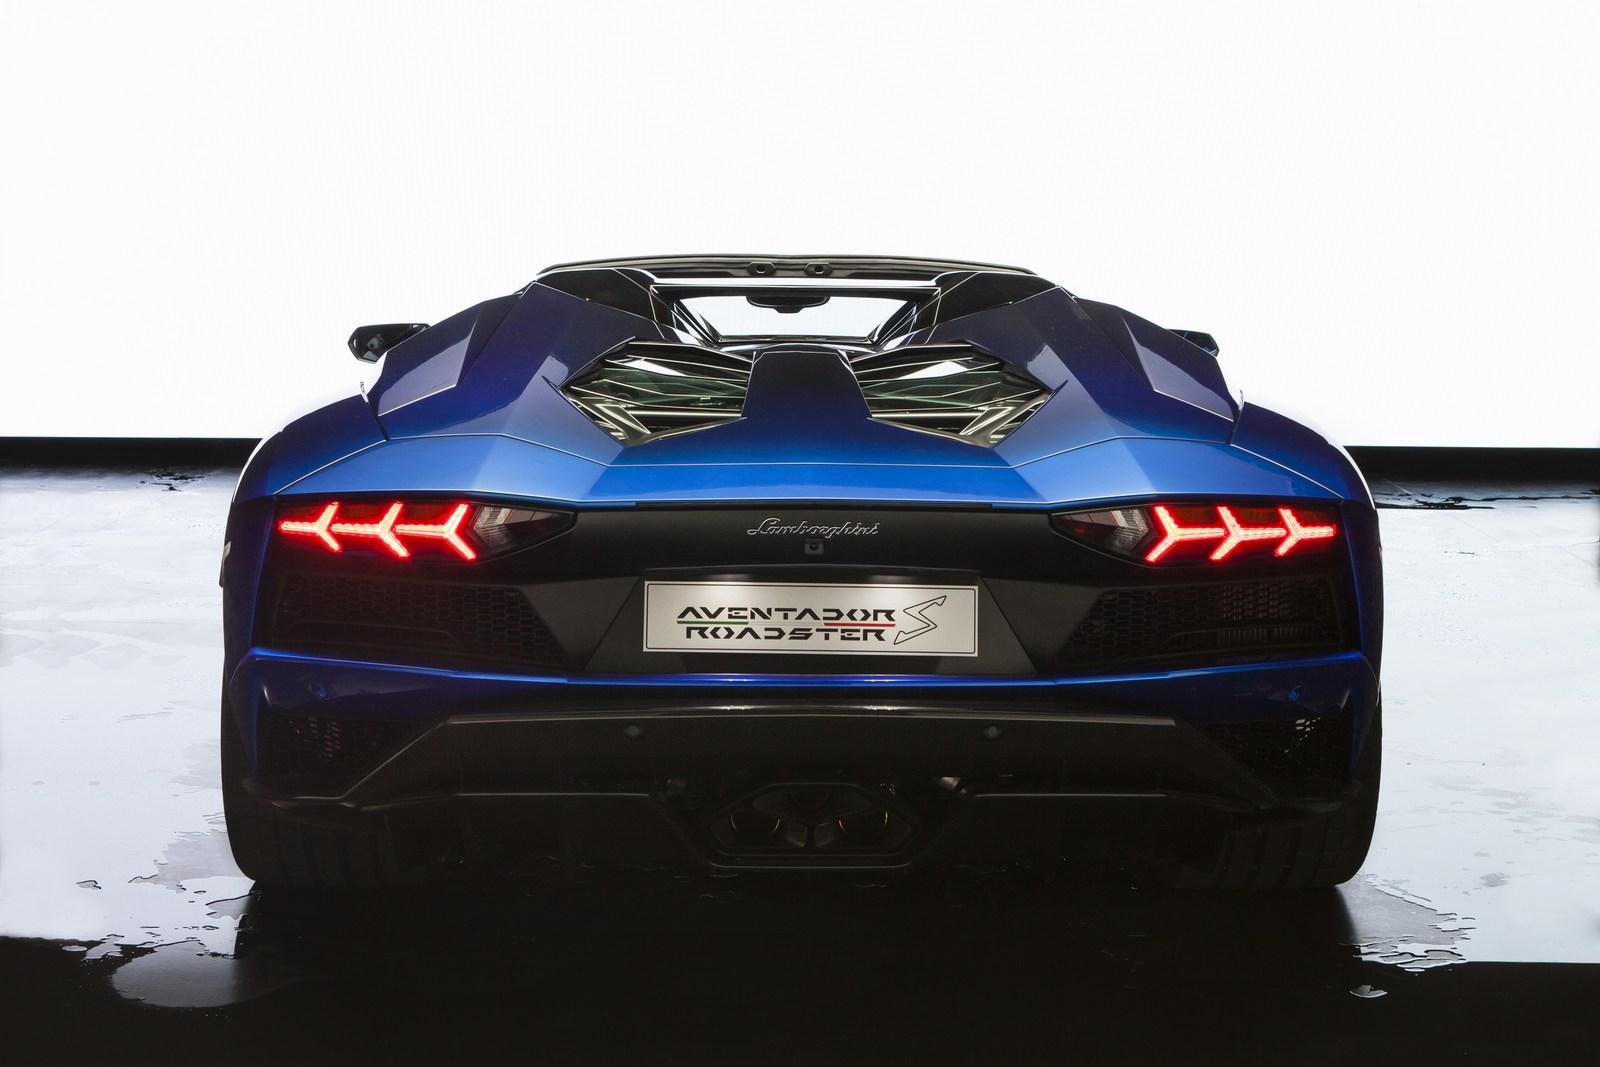 Lamborghini Aventador S Roadster For Japan (8)